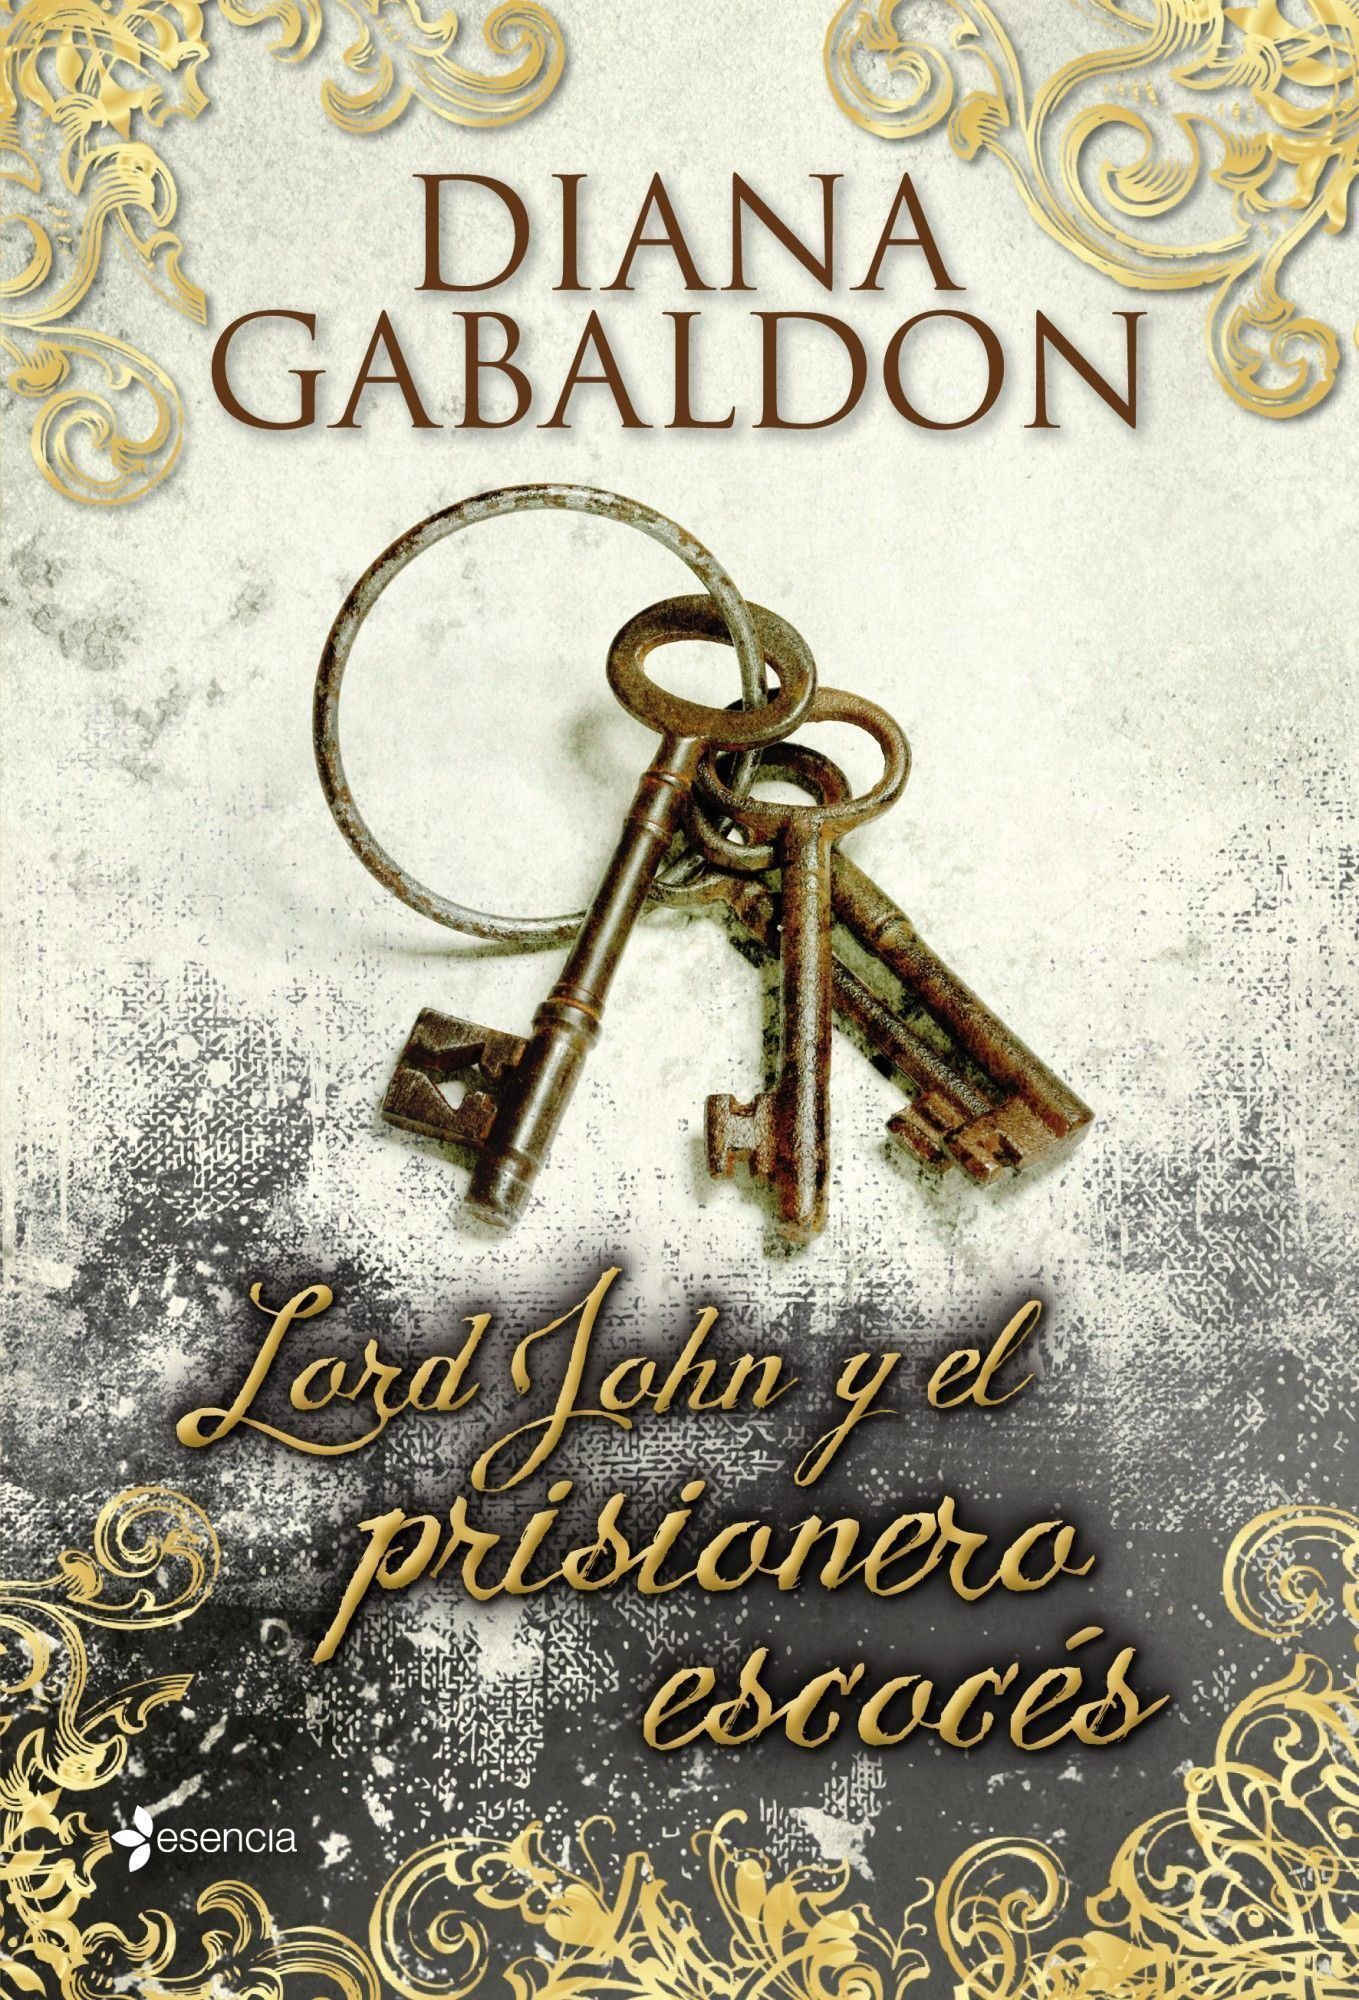 Lord John y el prisionero escocés - Lord John 03, Diana Gabaldón (Rom) Lord-john-y-el-prisionero-escoces-ebook-9788408118640